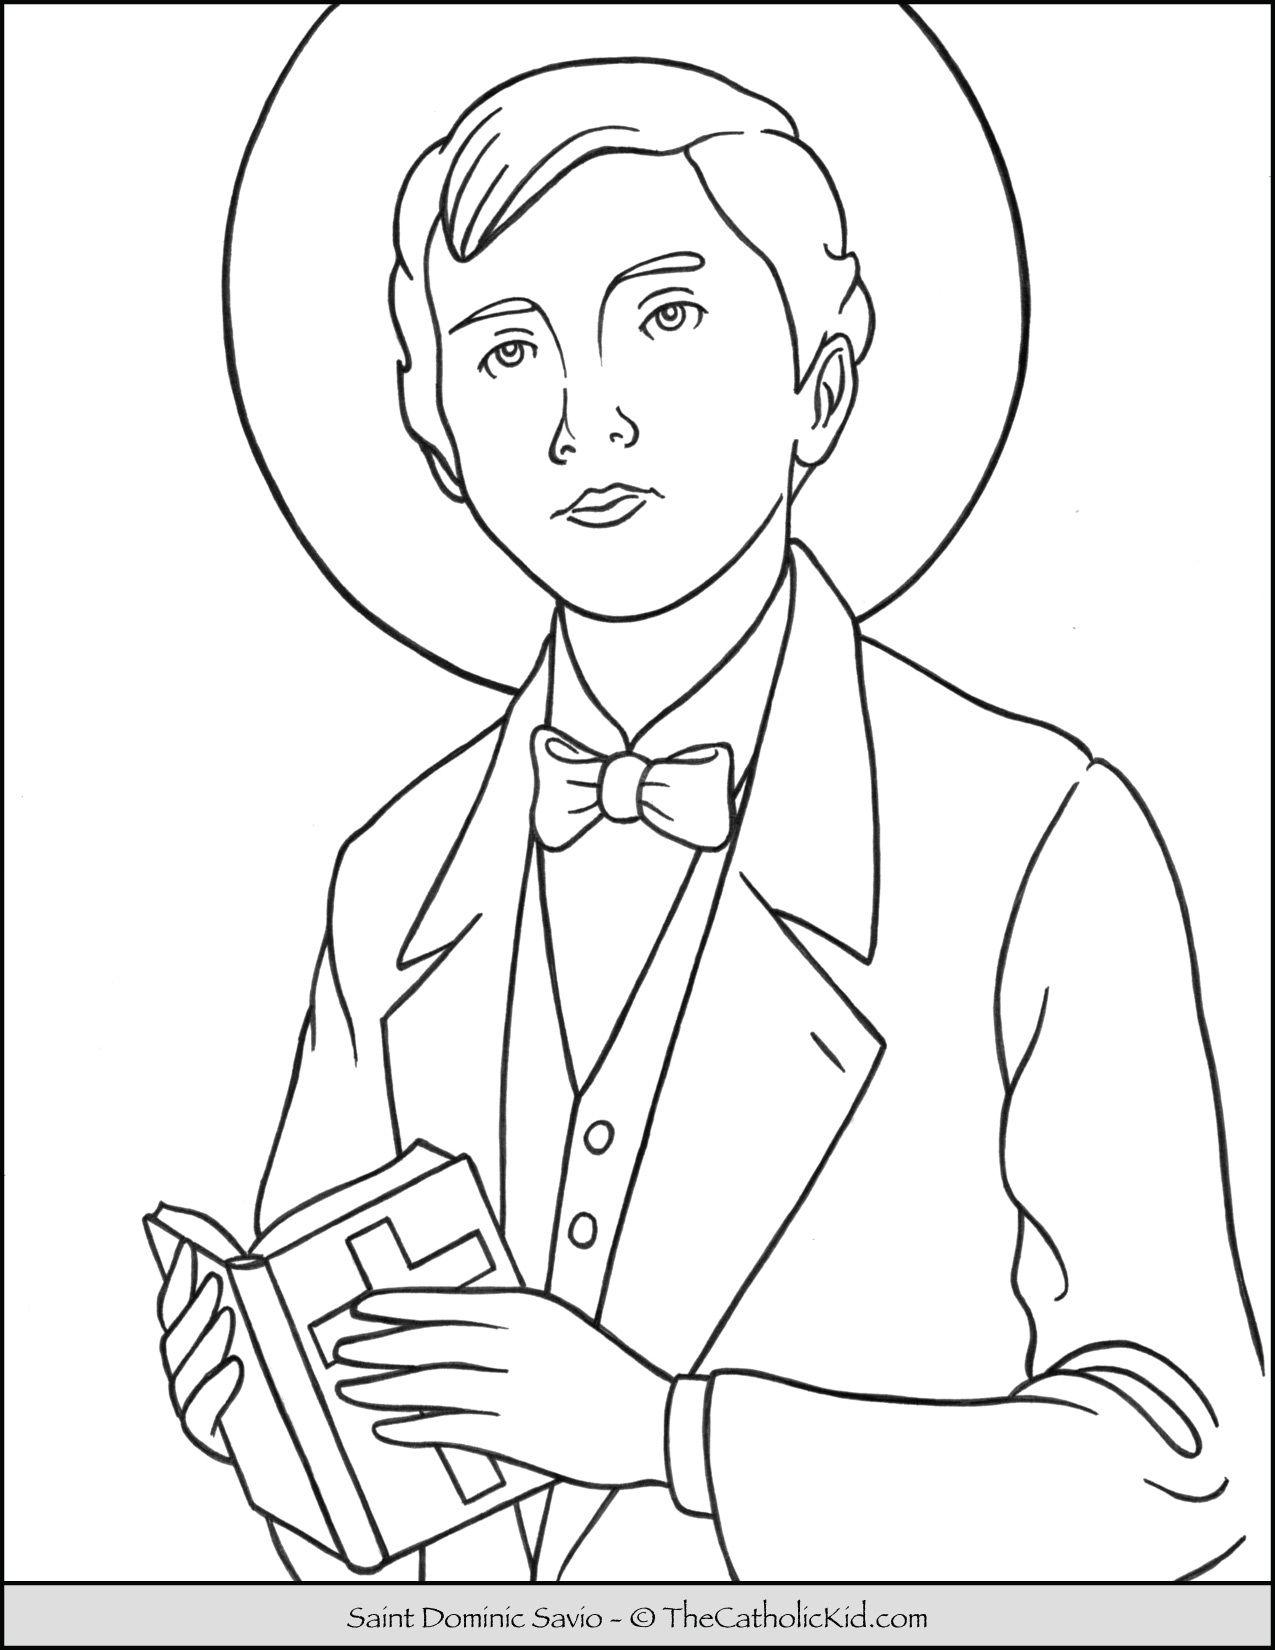 Saint Dominic Savio Coloring Page Thecatholickid Com Saint